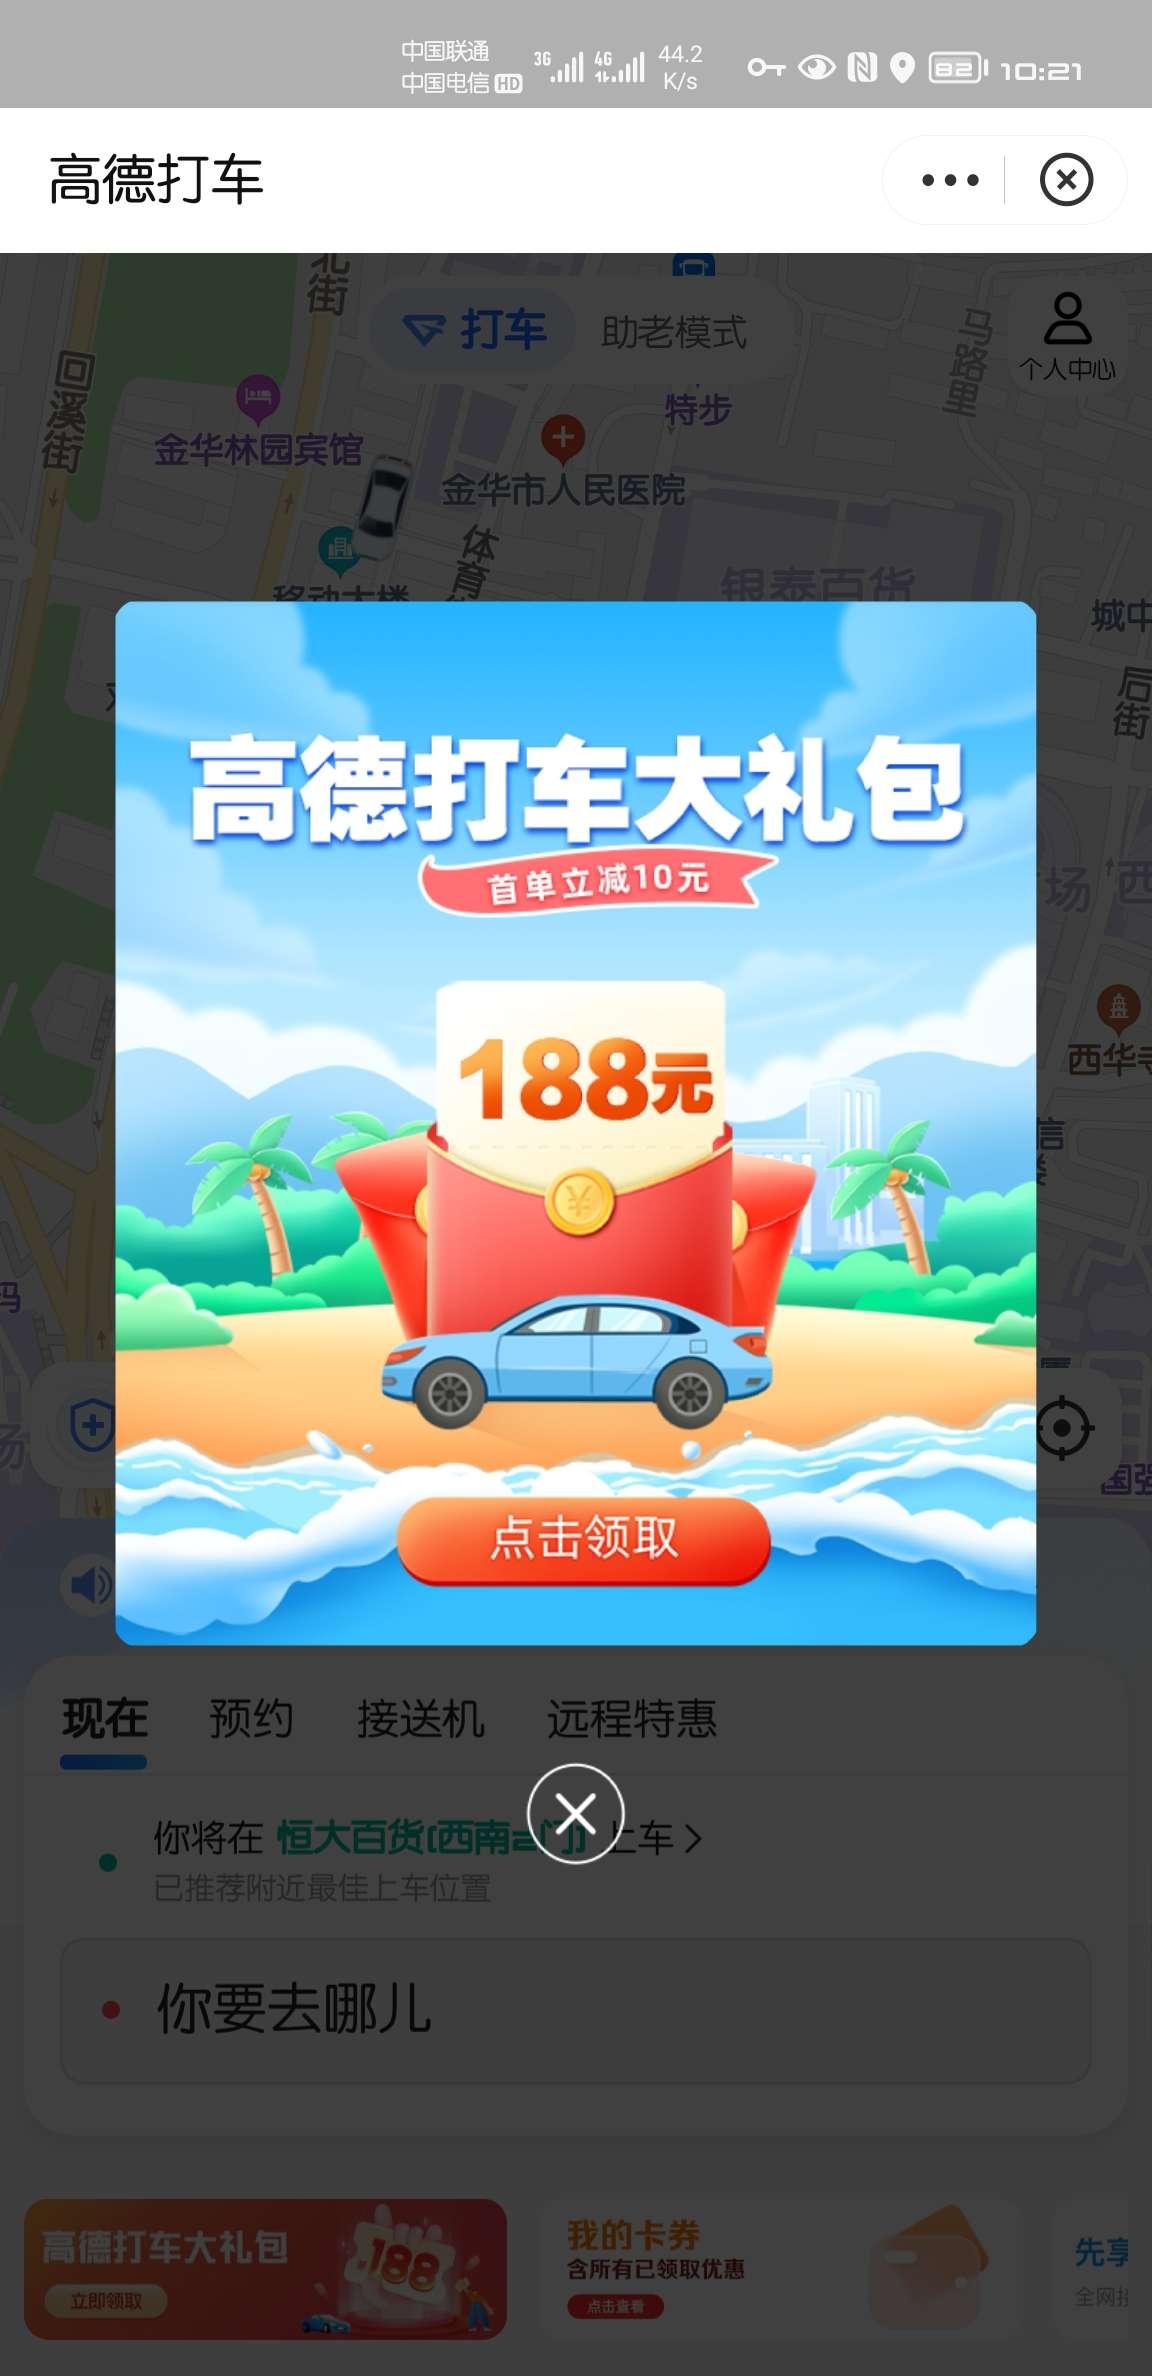 【虚拟物品】高德出租车礼包券和折扣插图